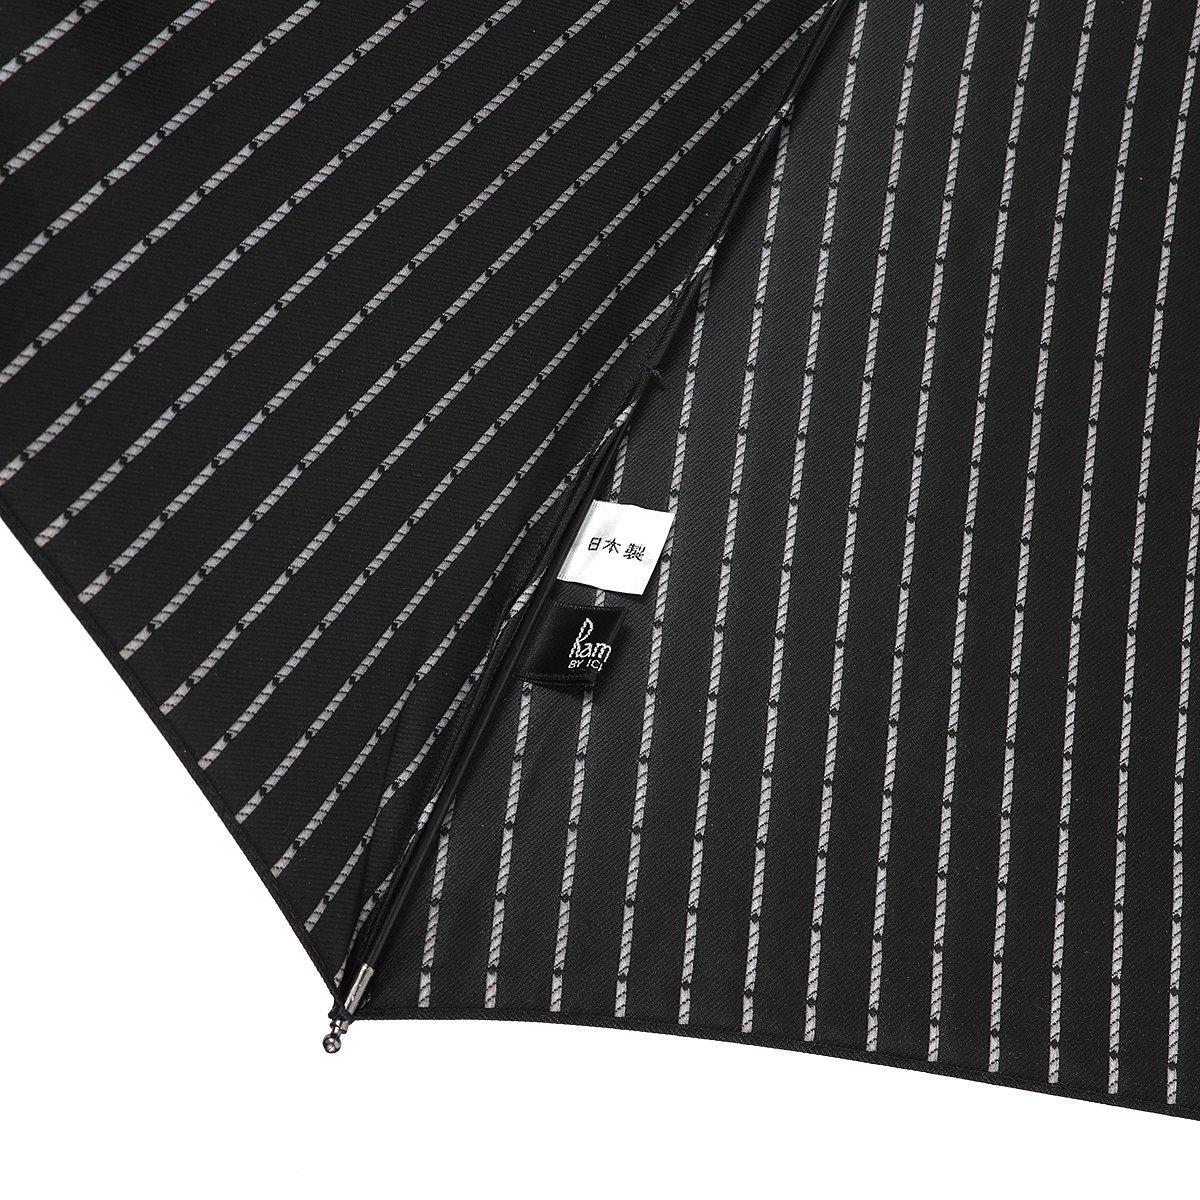 【セール】ドット ジャカード 折りたたみ傘 詳細画像7